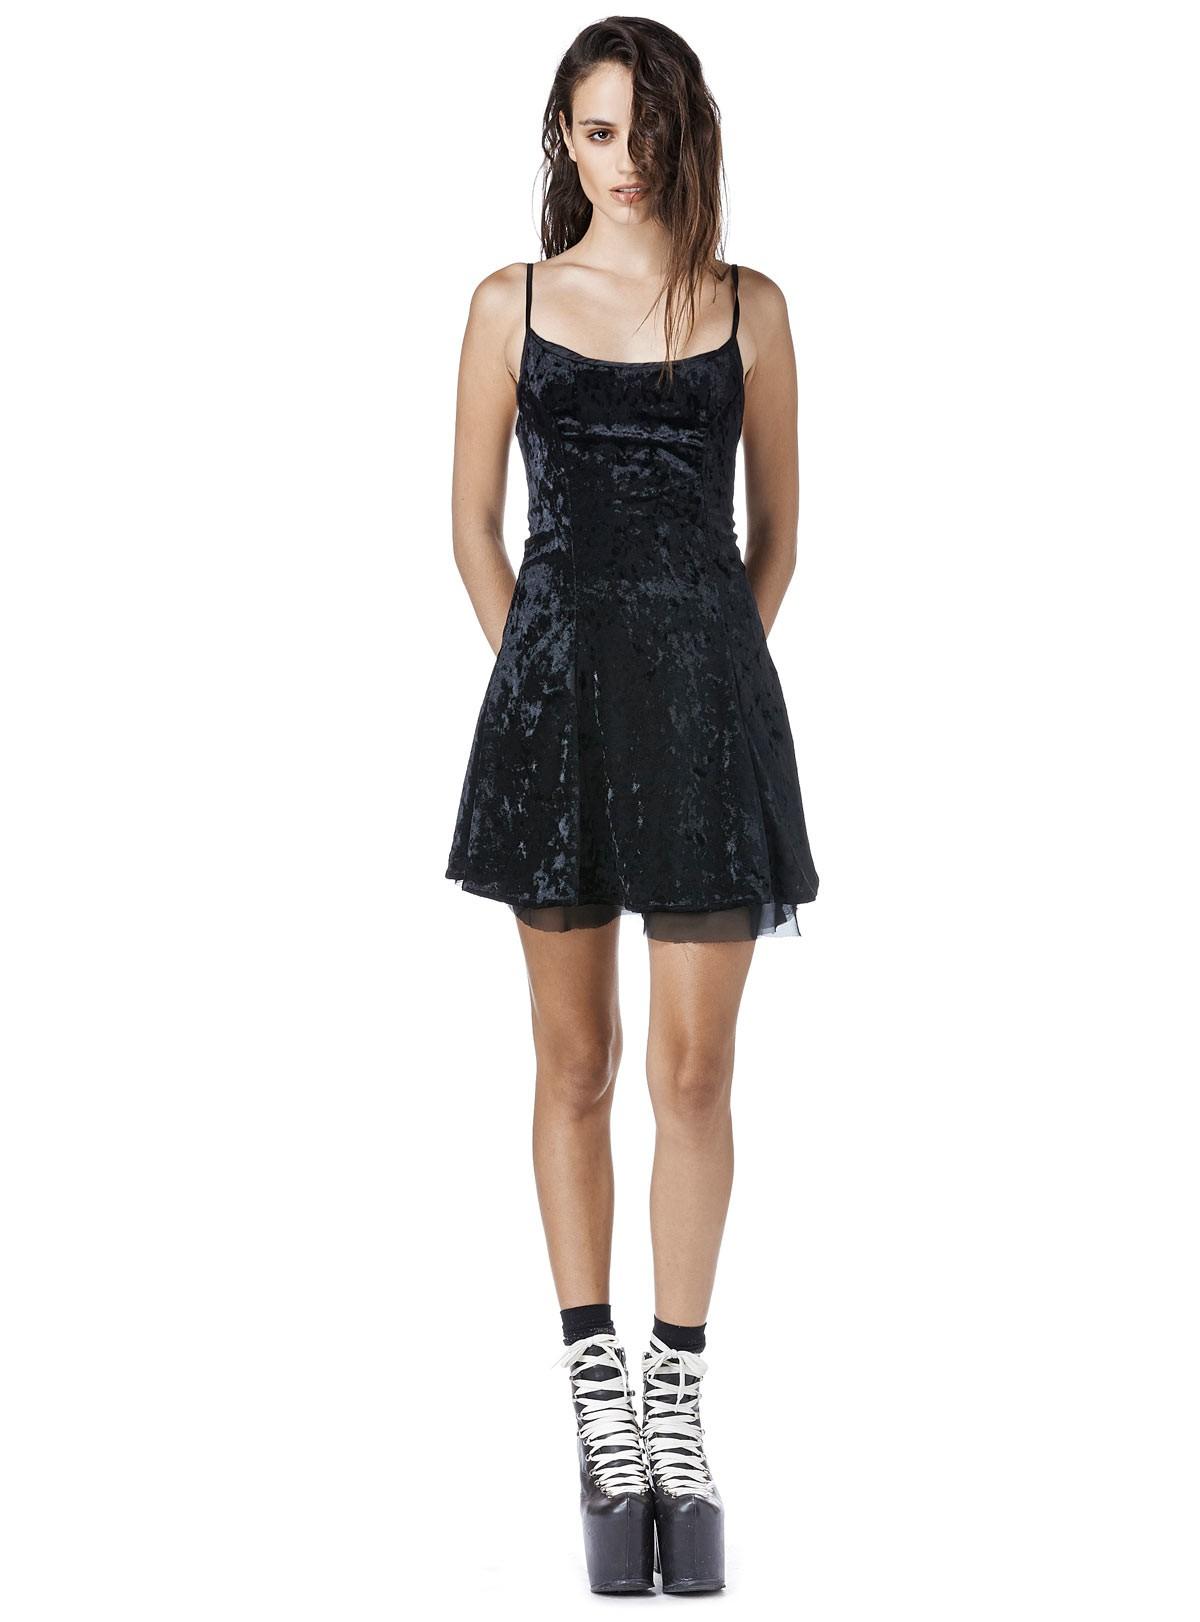 PYRE DRESS | UNIF